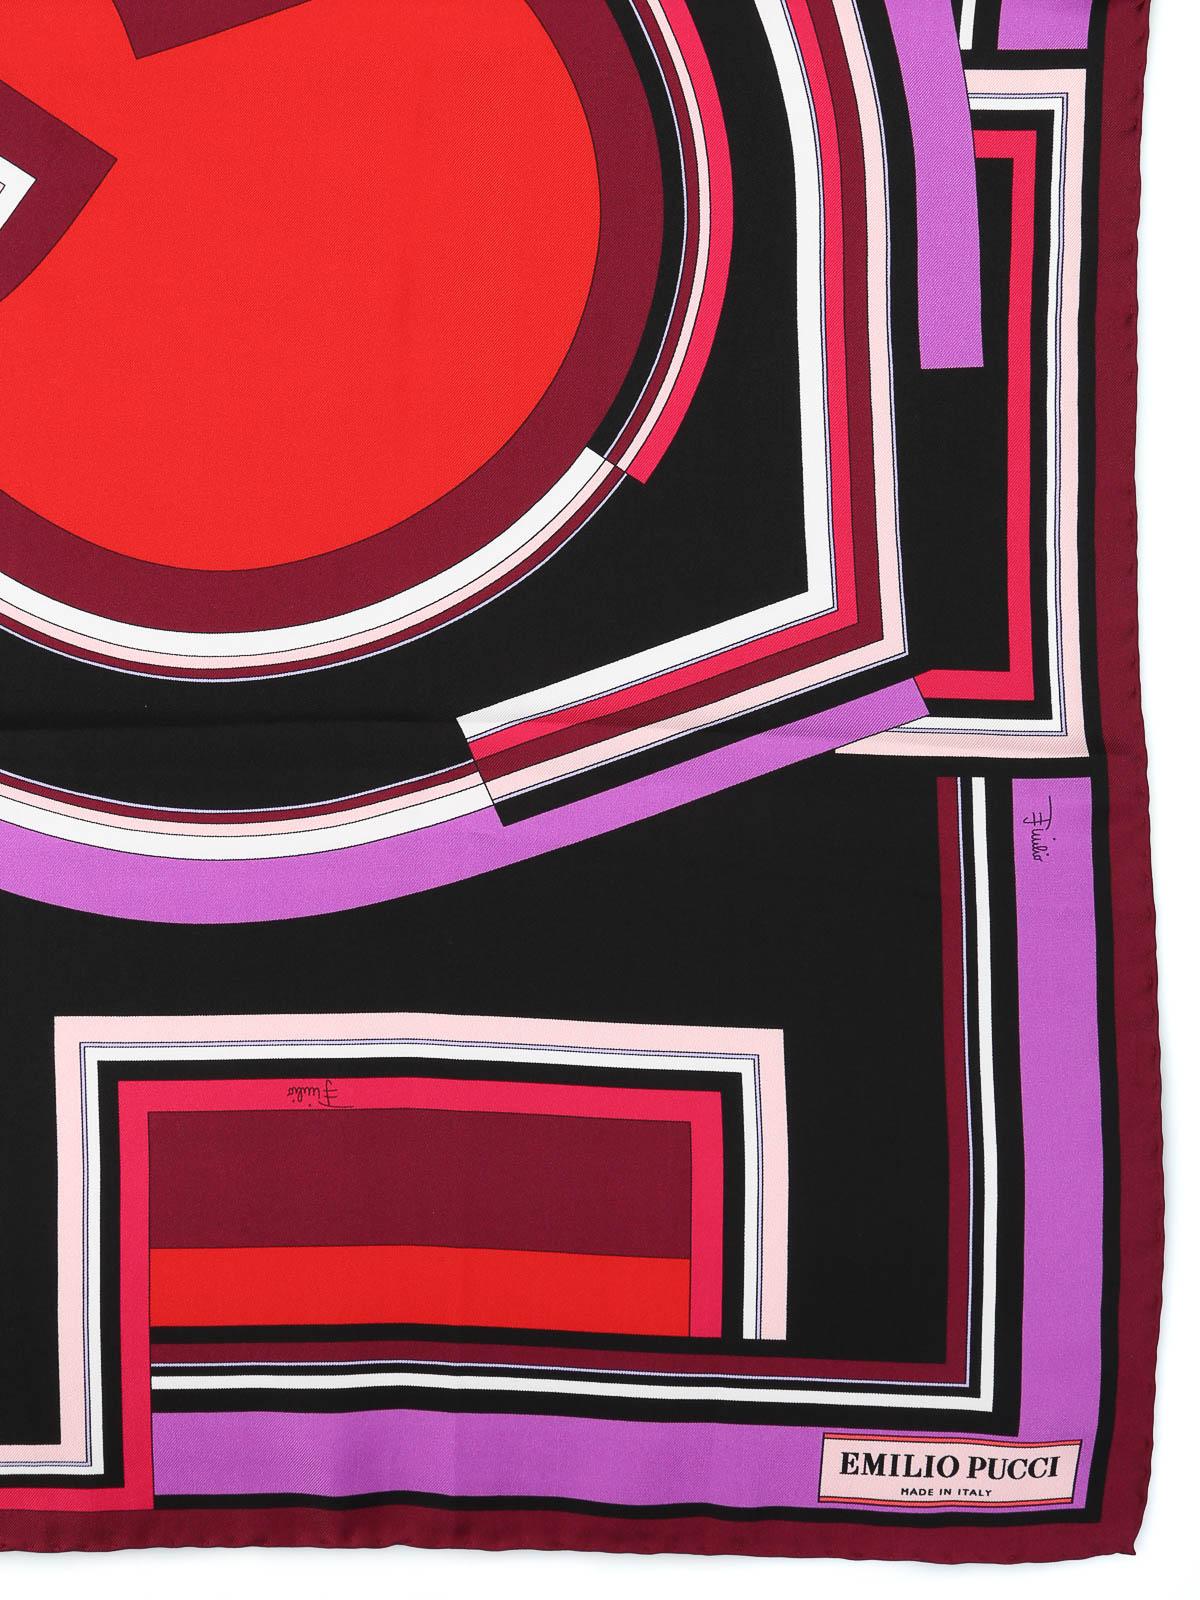 competitive price 0d852 88066 Emilio Pucci - Foulard in twill di seta stampato - sciarpe e ...